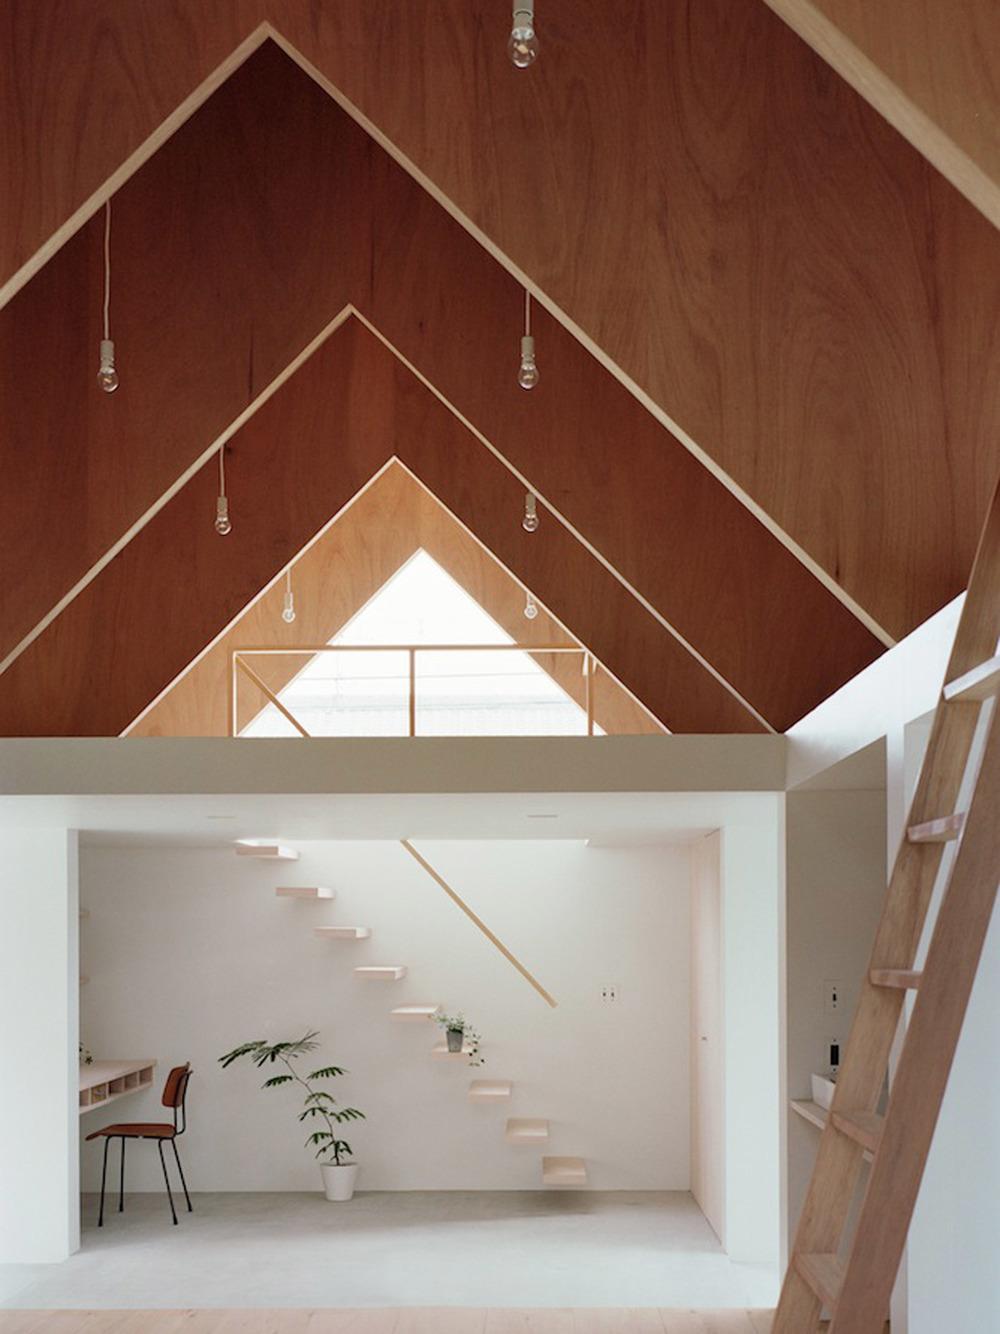 the_tree_mag-koya-no-sumika-by-ma-style-architects-30.jpg